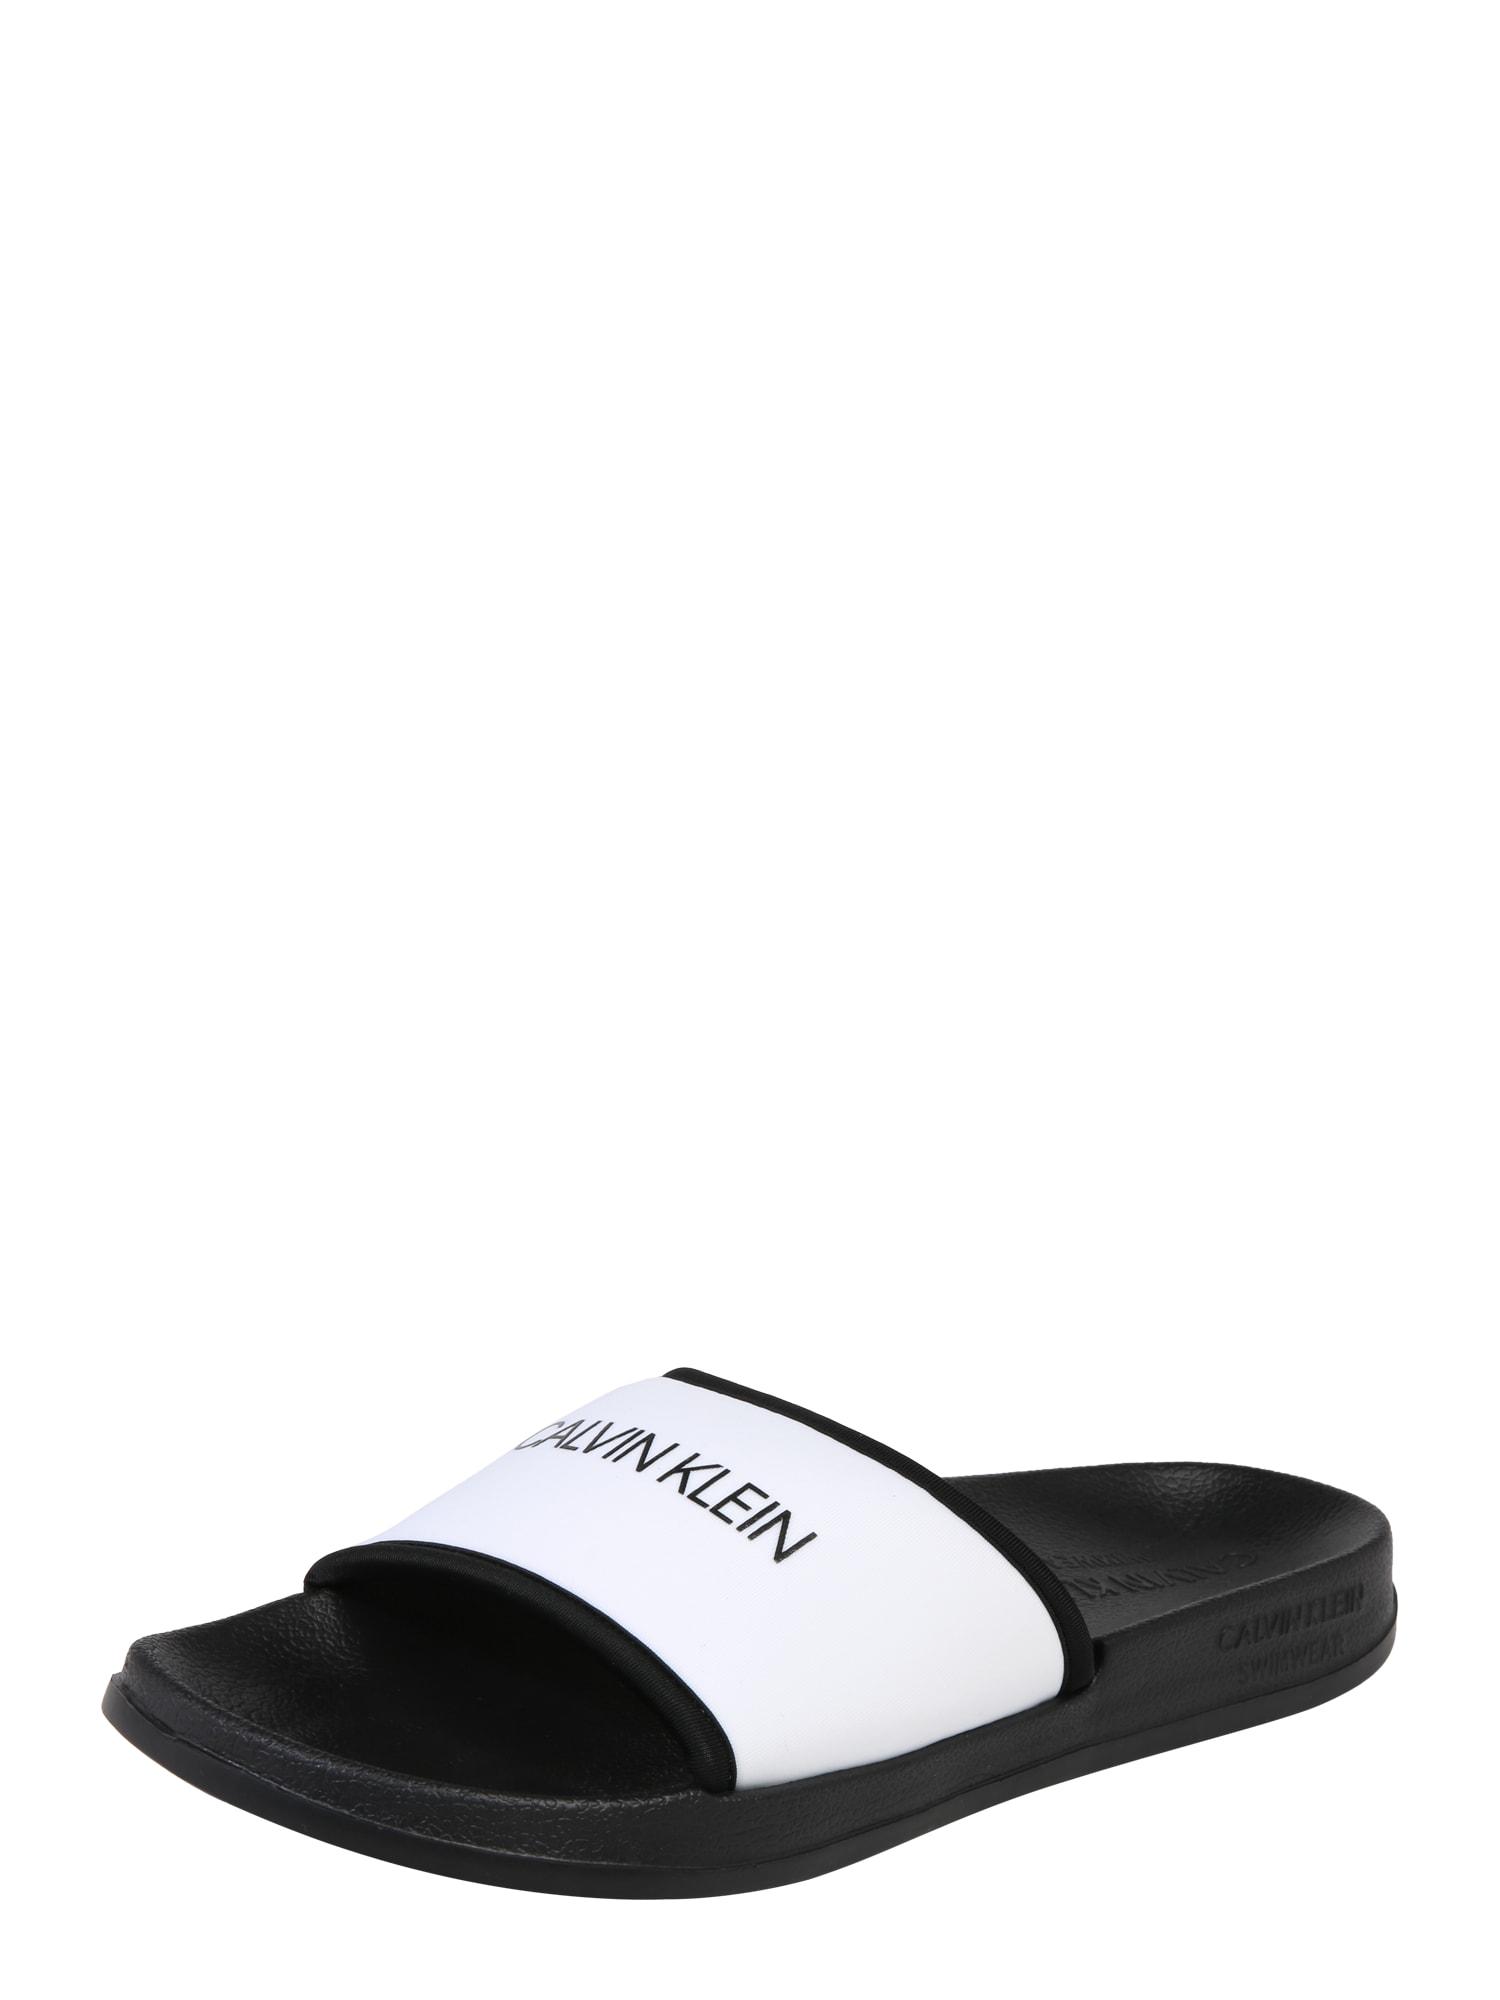 Pantofle SLIDE černá bílá Calvin Klein